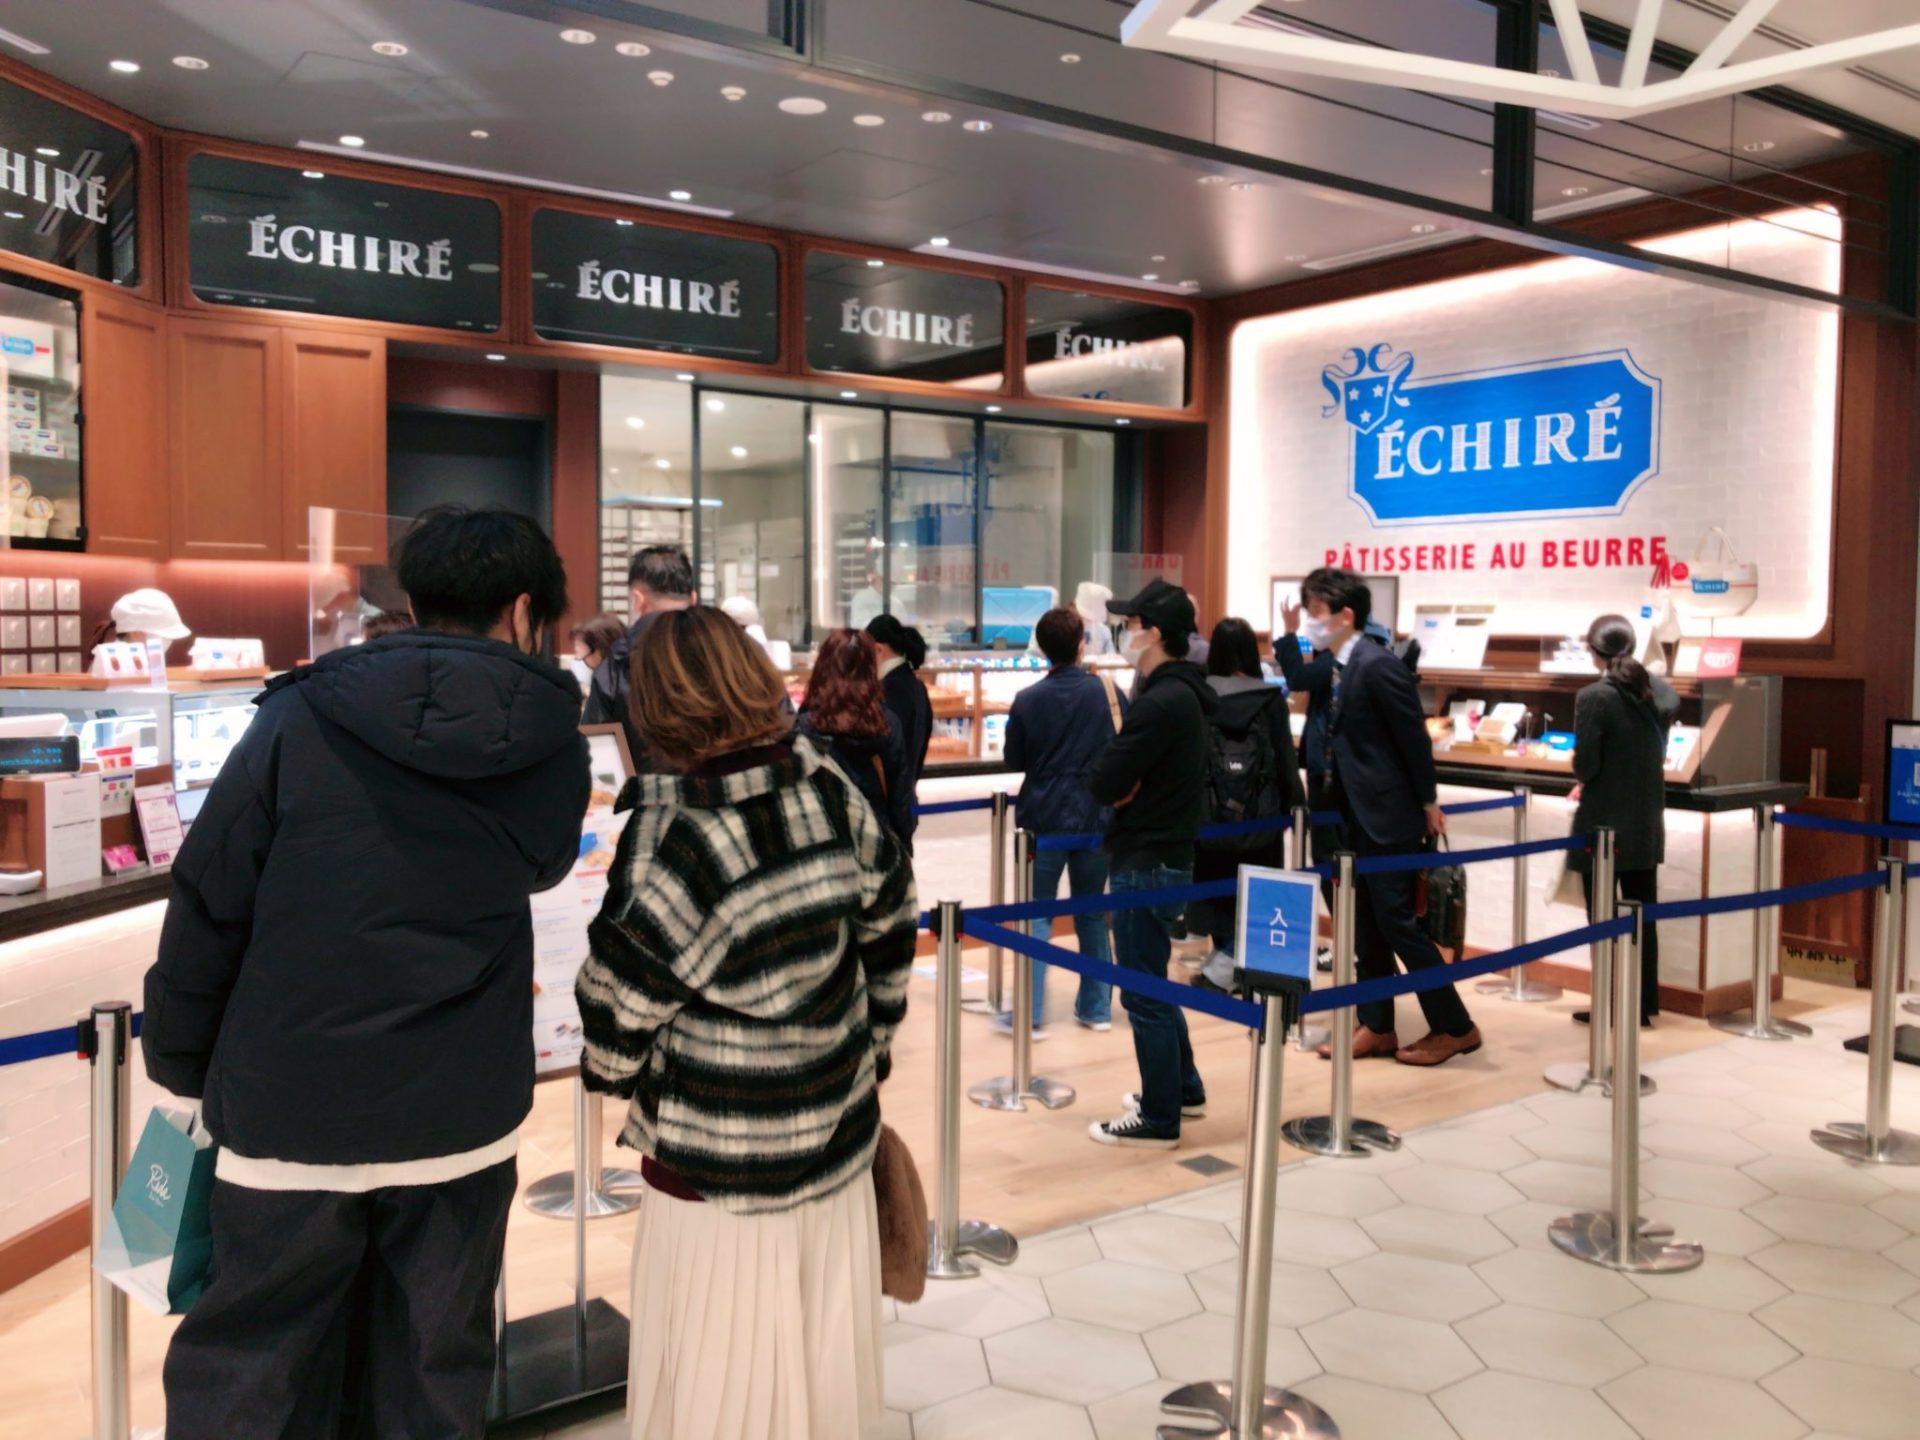 エシレ・パティスリー オ ブール 渋谷スクランブルスクエア店のカヌレの行列